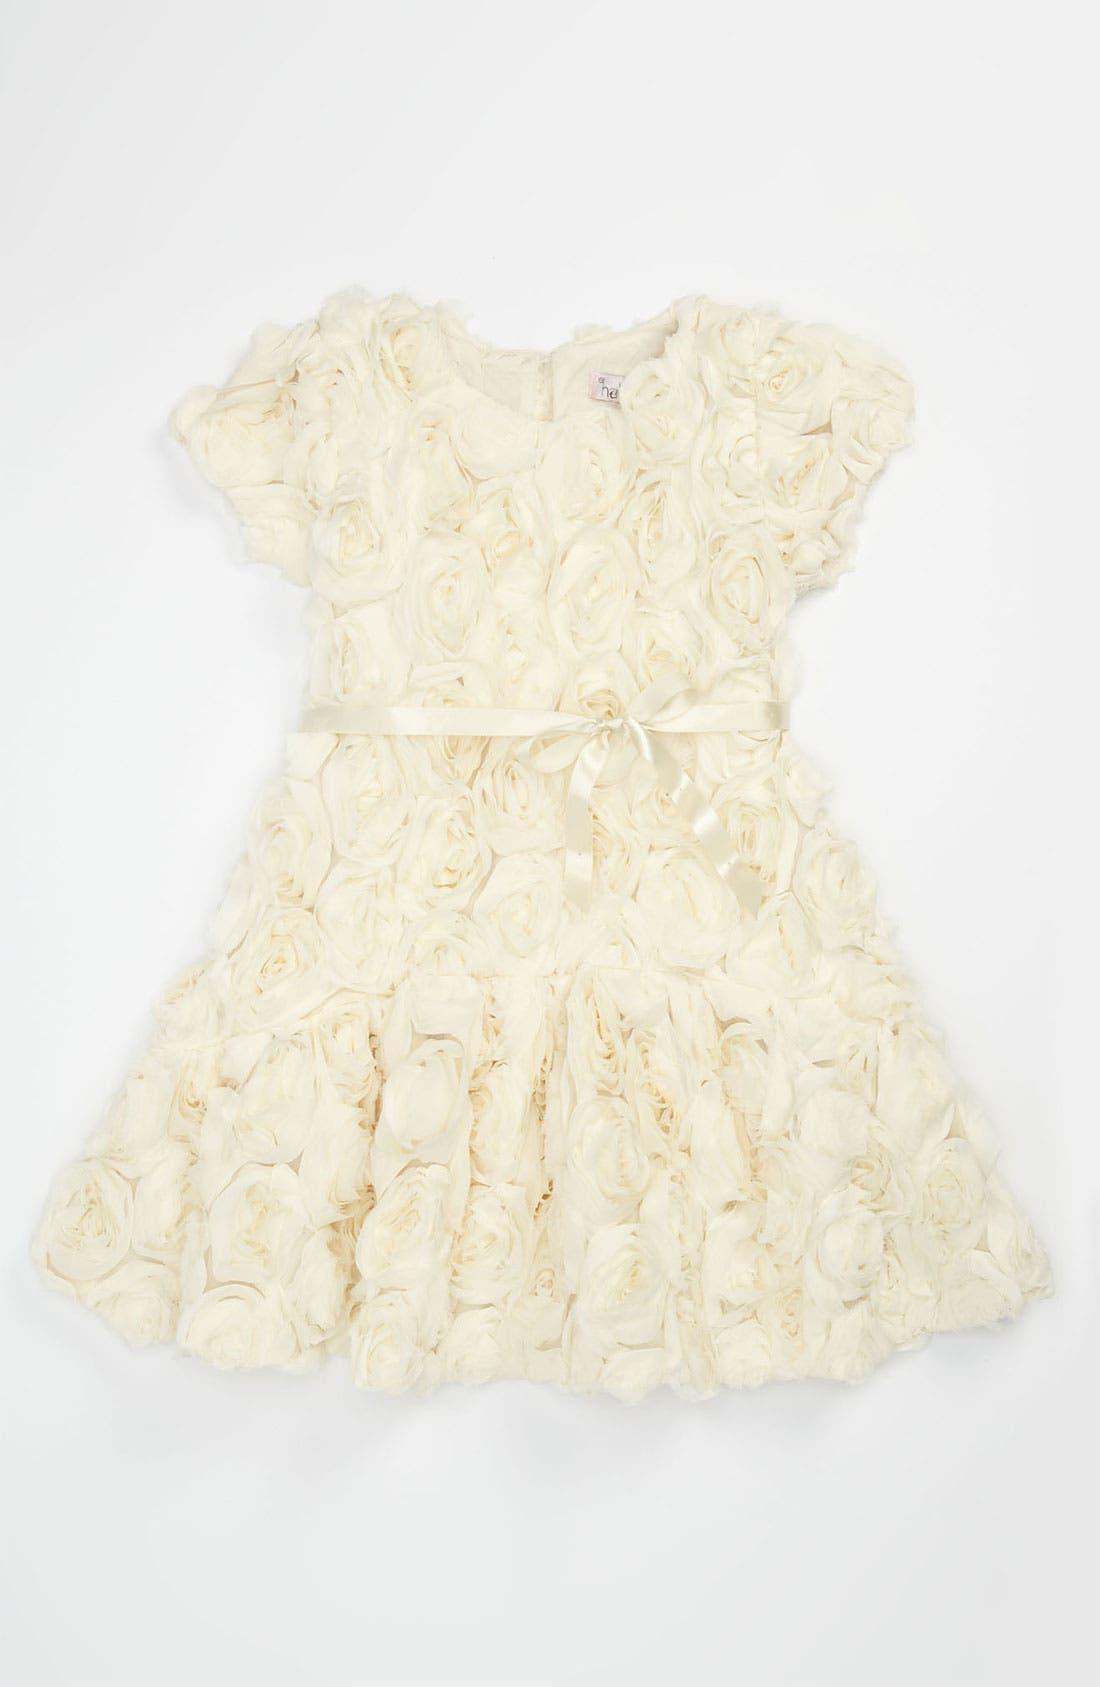 Main Image - Halabaloo 'Bouquet' Dress (Little Girls & Big Girls)